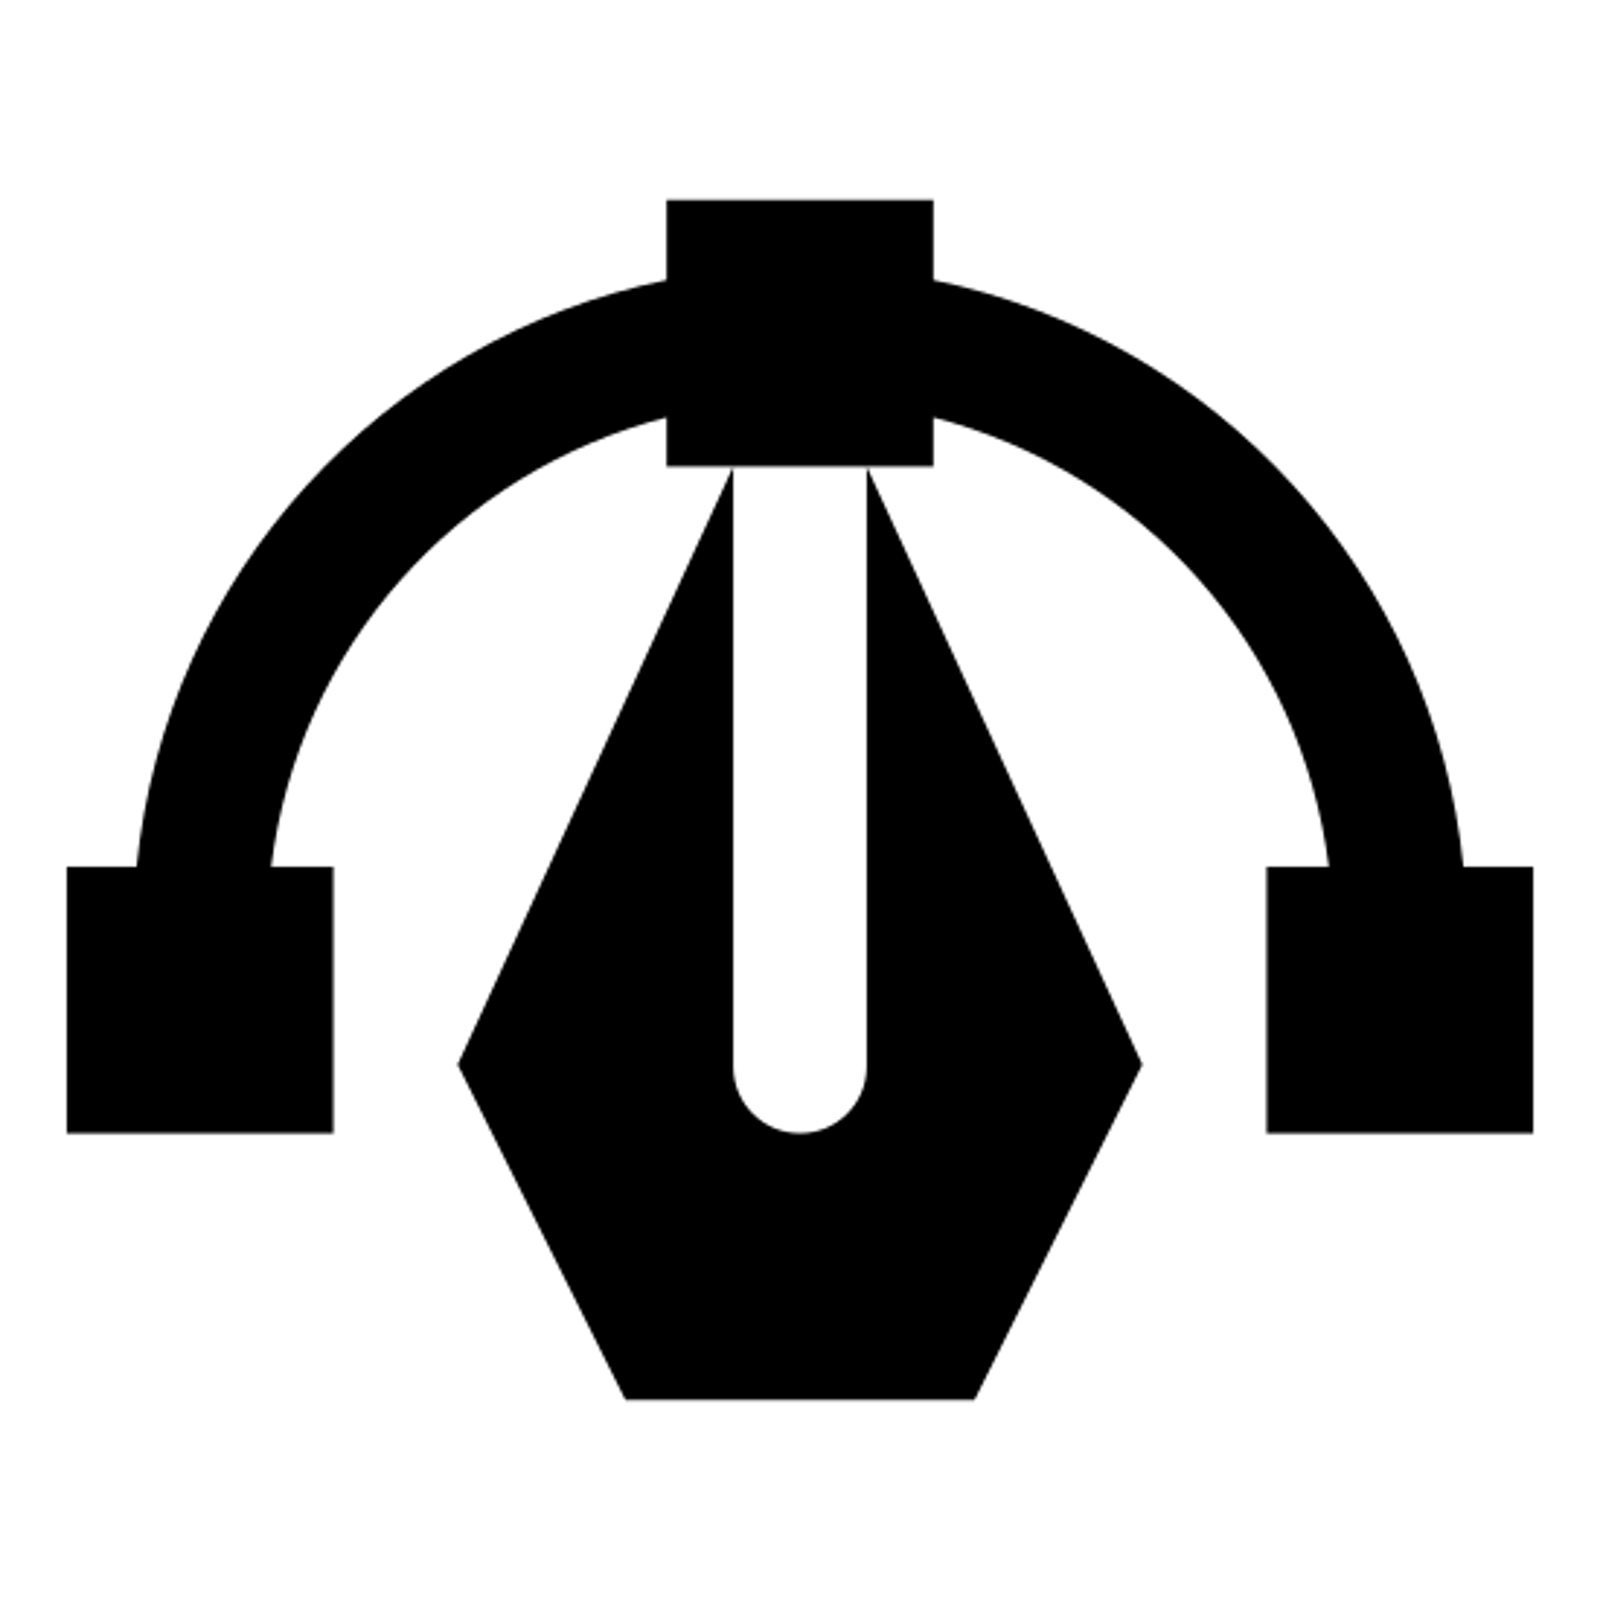 アイコンを作成する icon